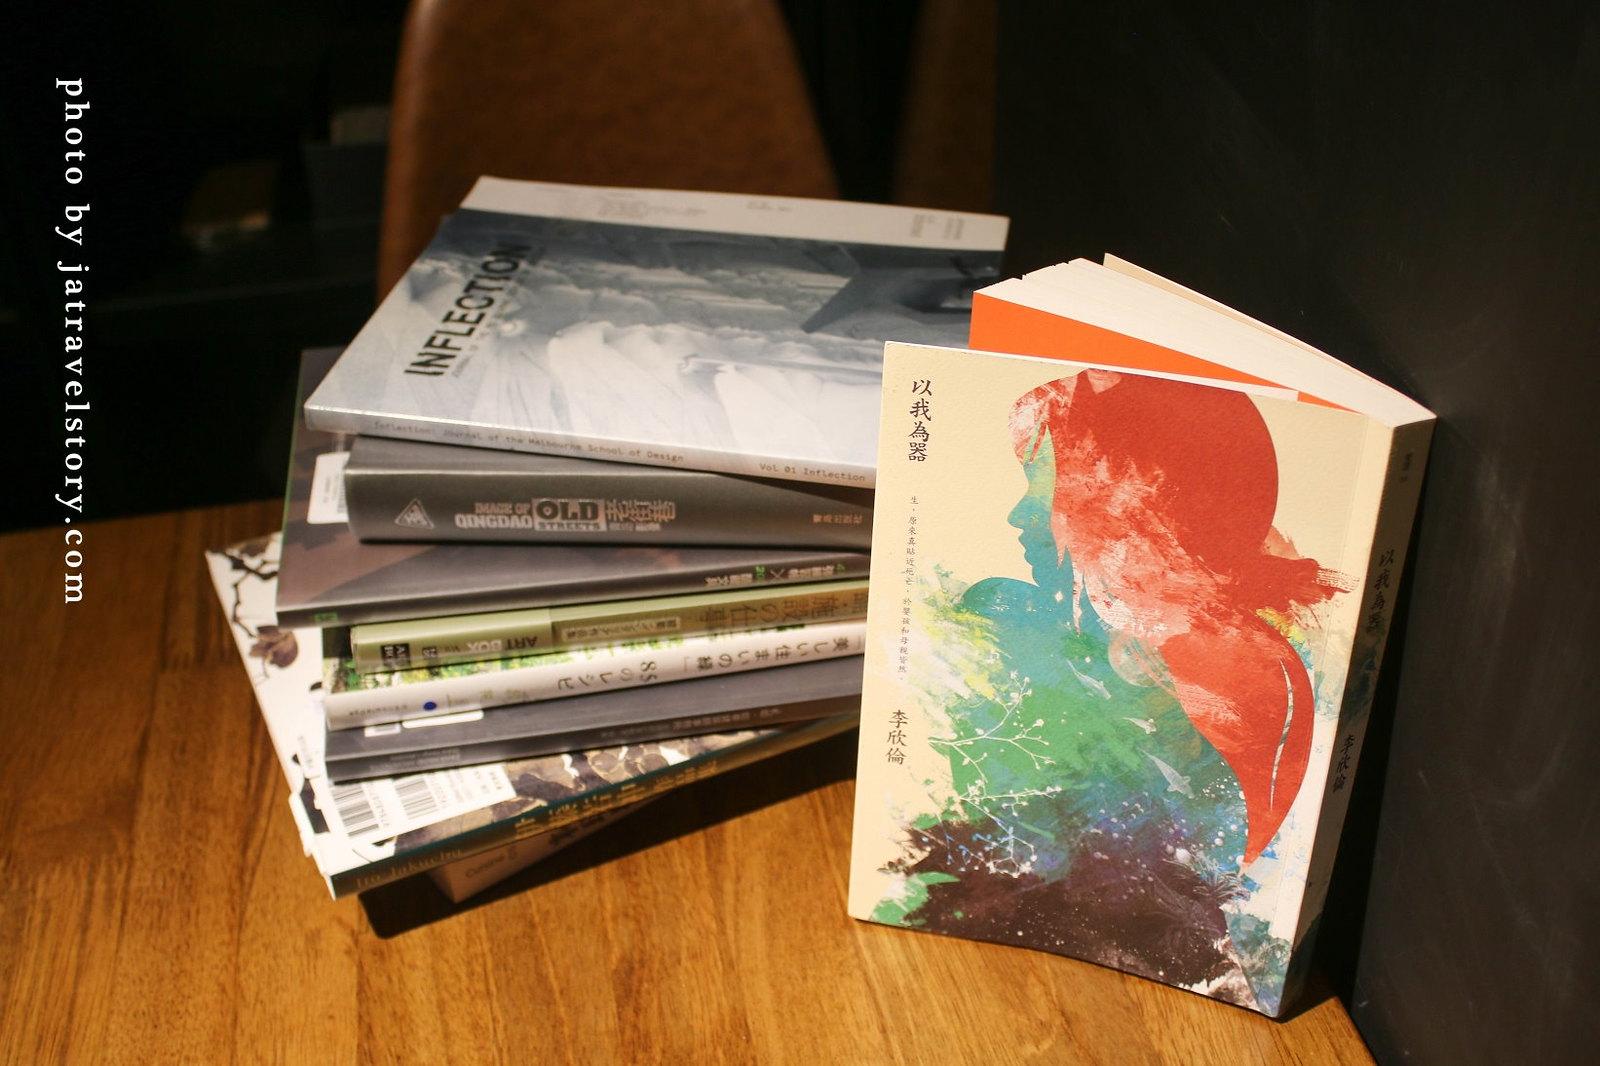 【文學分享】以我為器 入圍台灣文學獎散文金典獎的散文集 @J&A的旅行